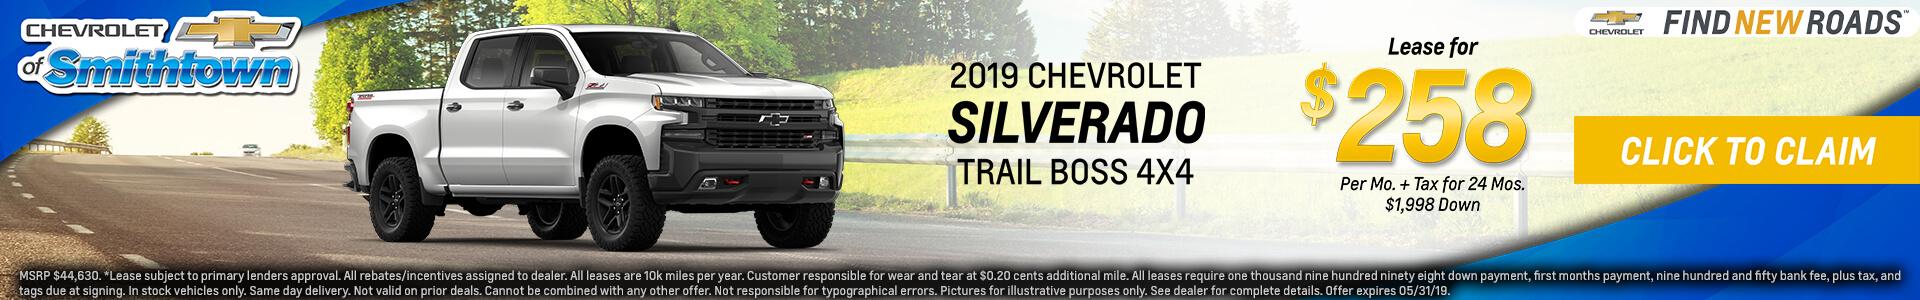 Chevrolet Silverado $258 Lease